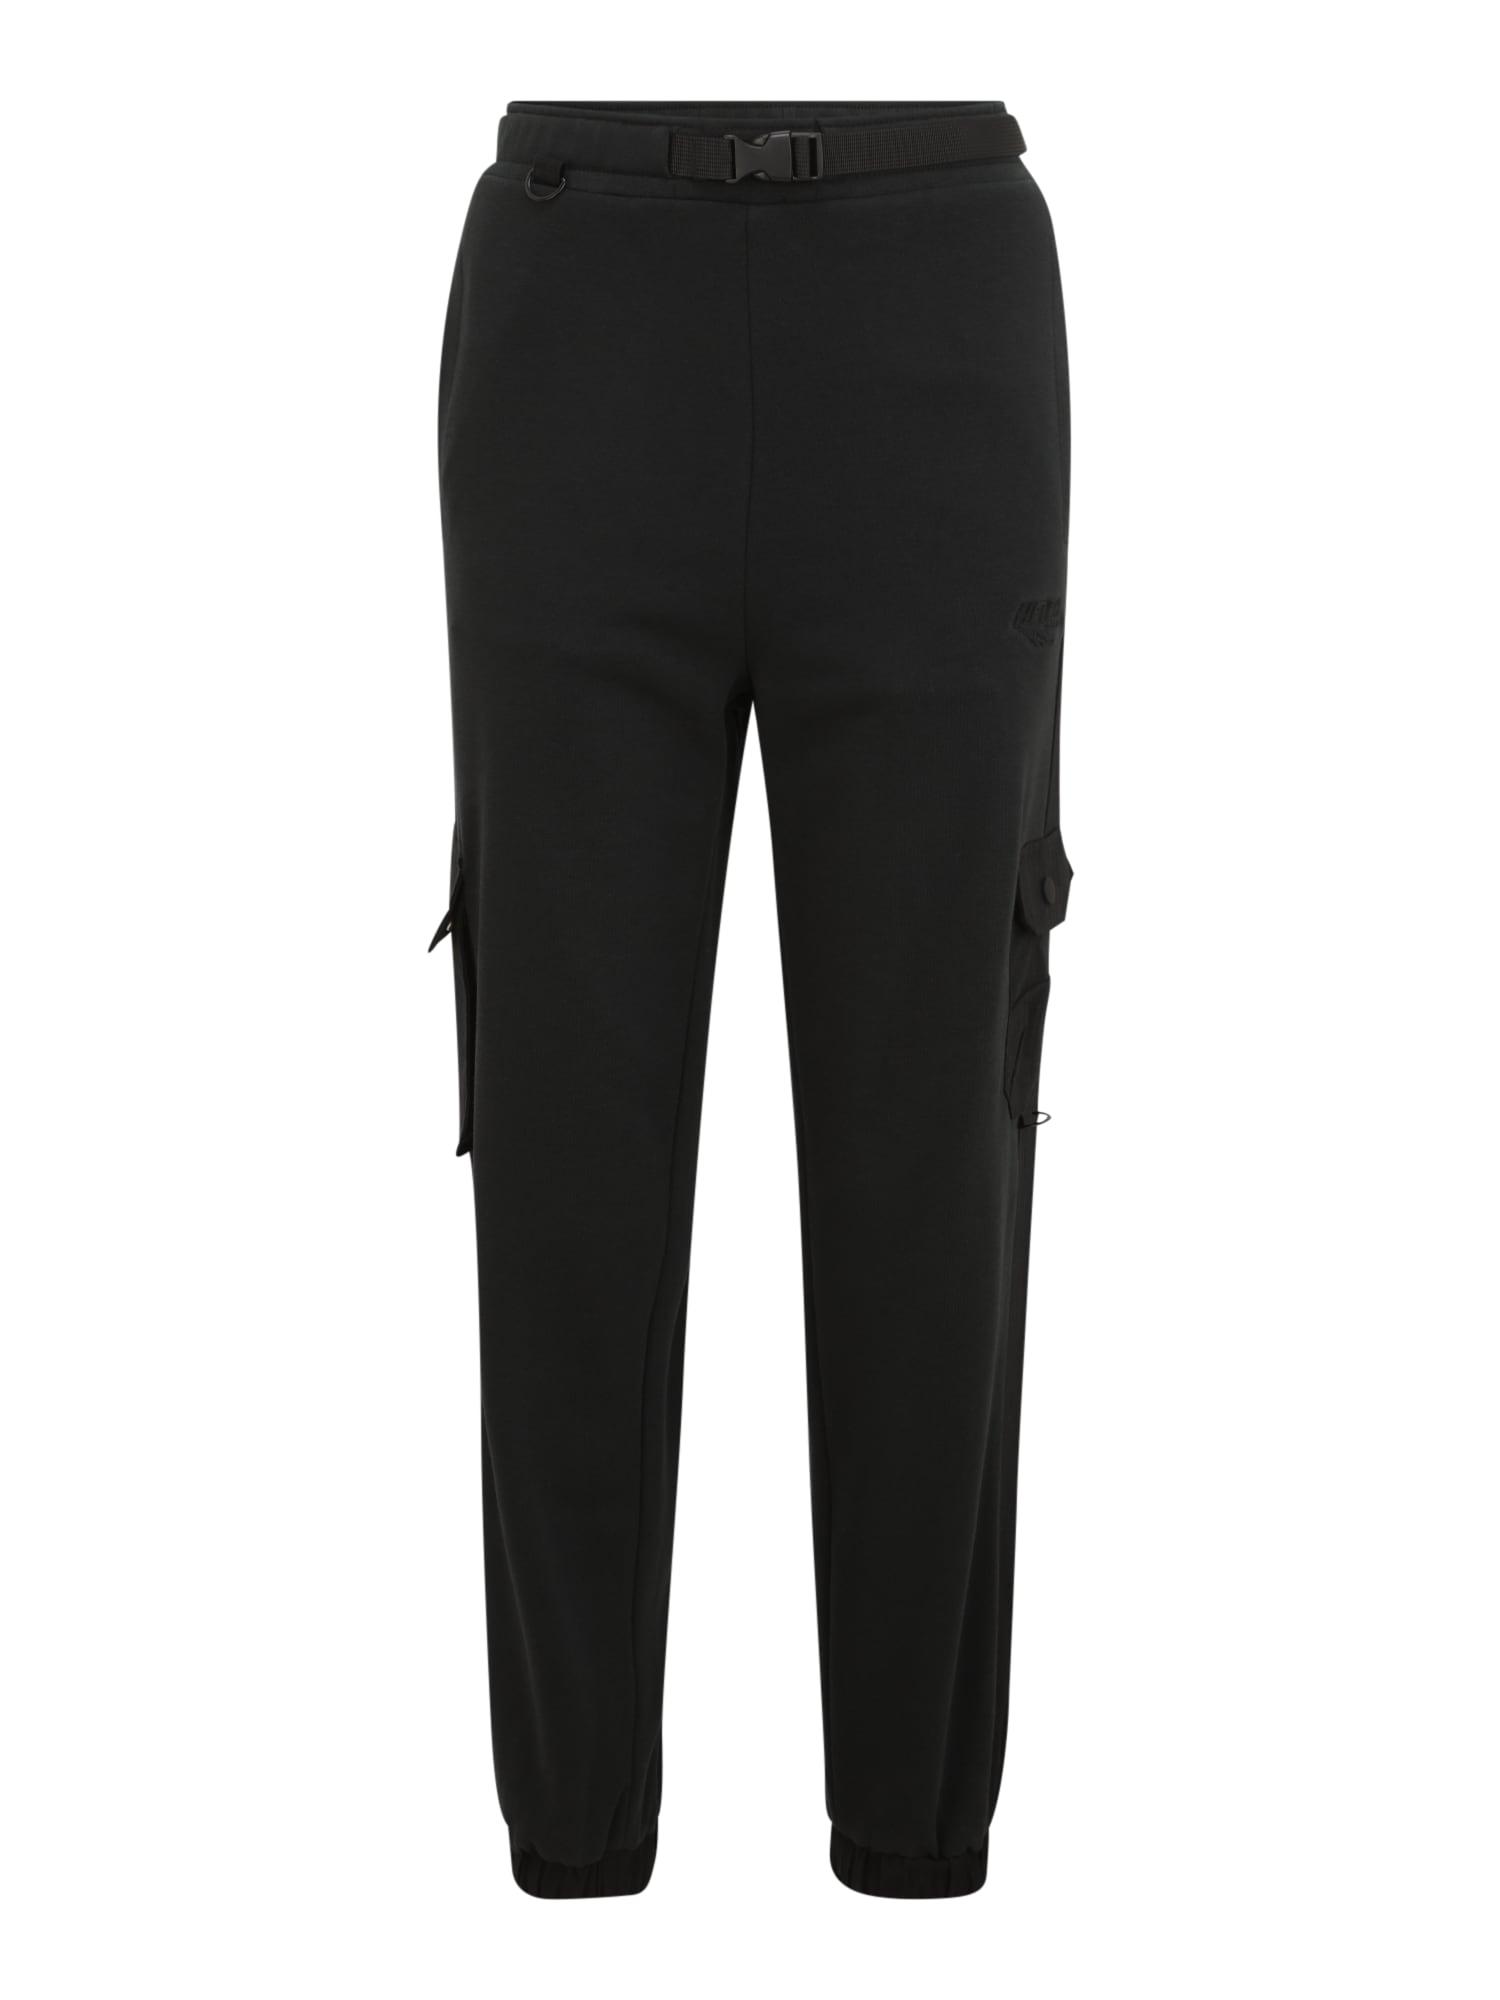 HI-TEC Sportinės kelnės